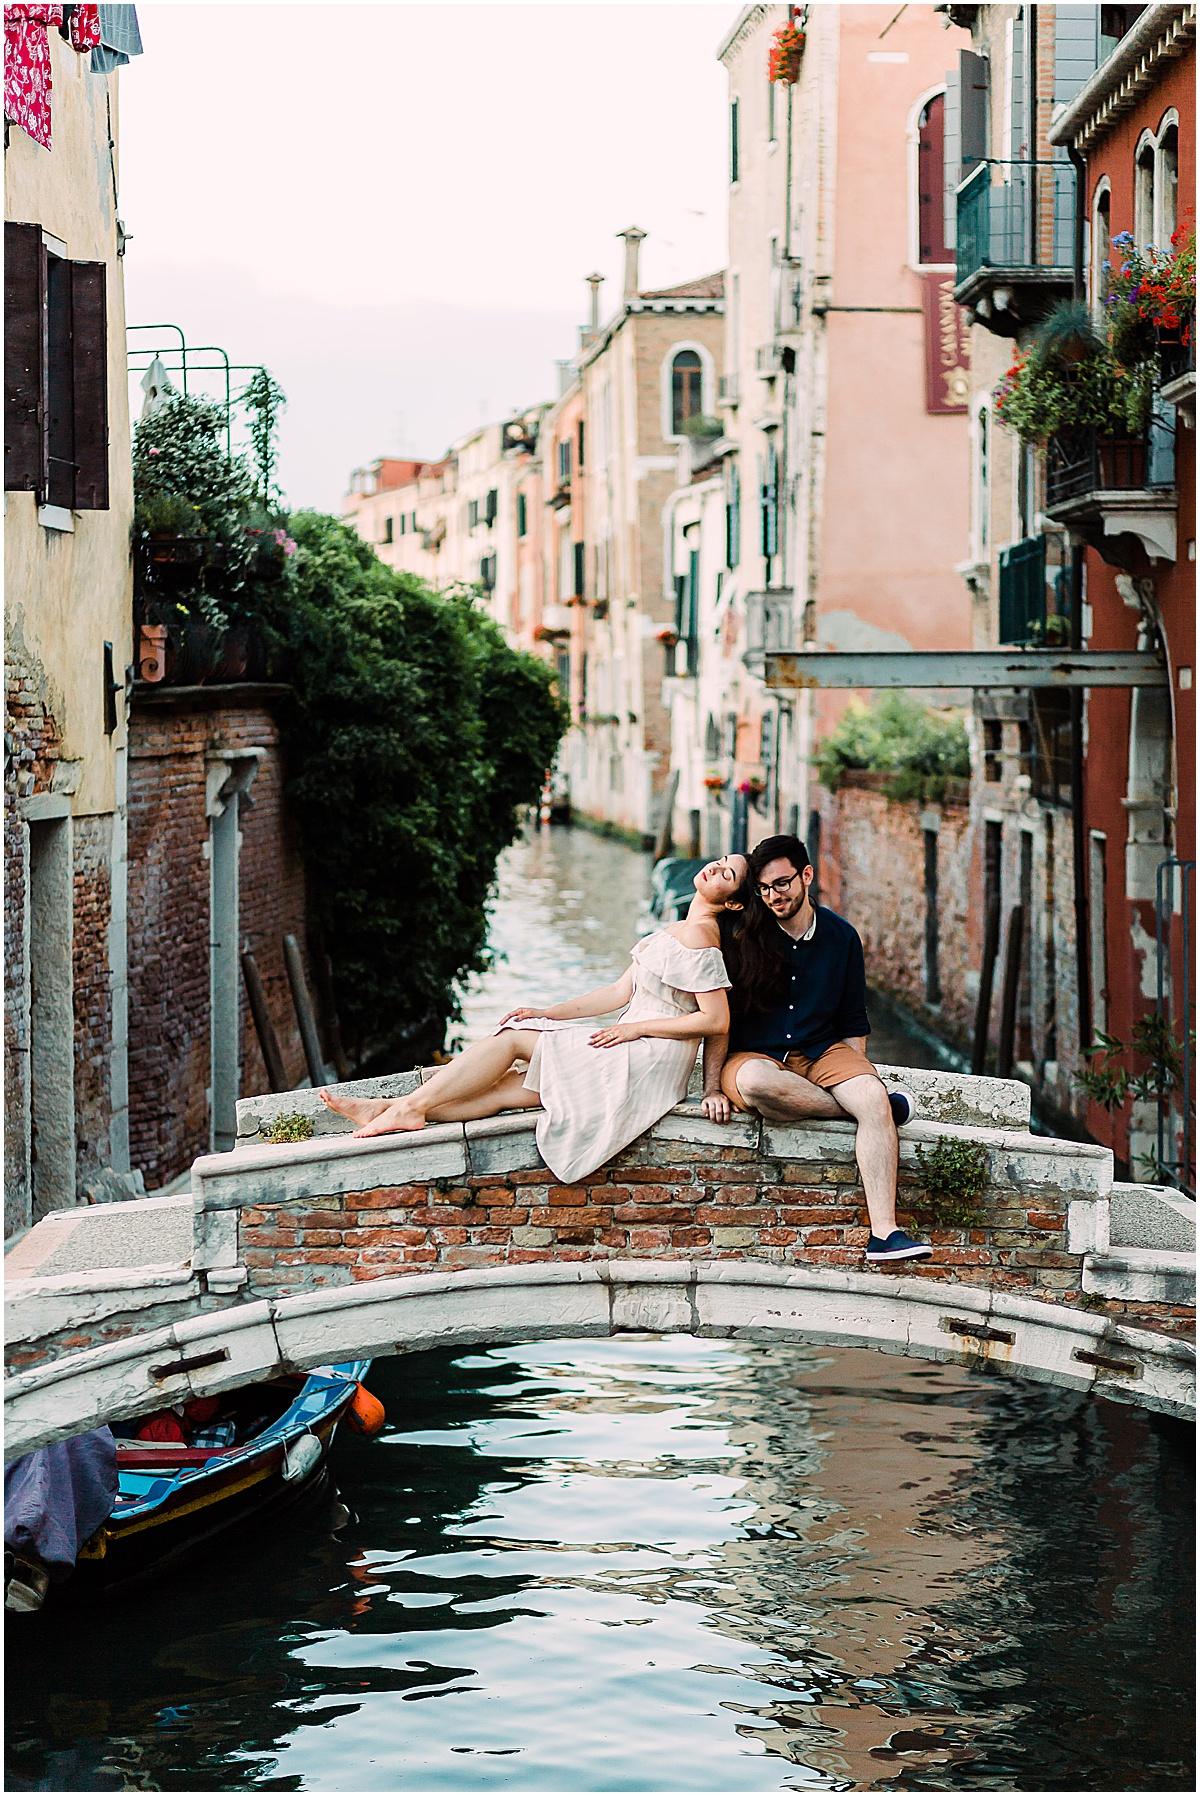 lifestyle-photographer-couple-in-venice-gondola-sunset-stefano-degirmenci_0296.jpg